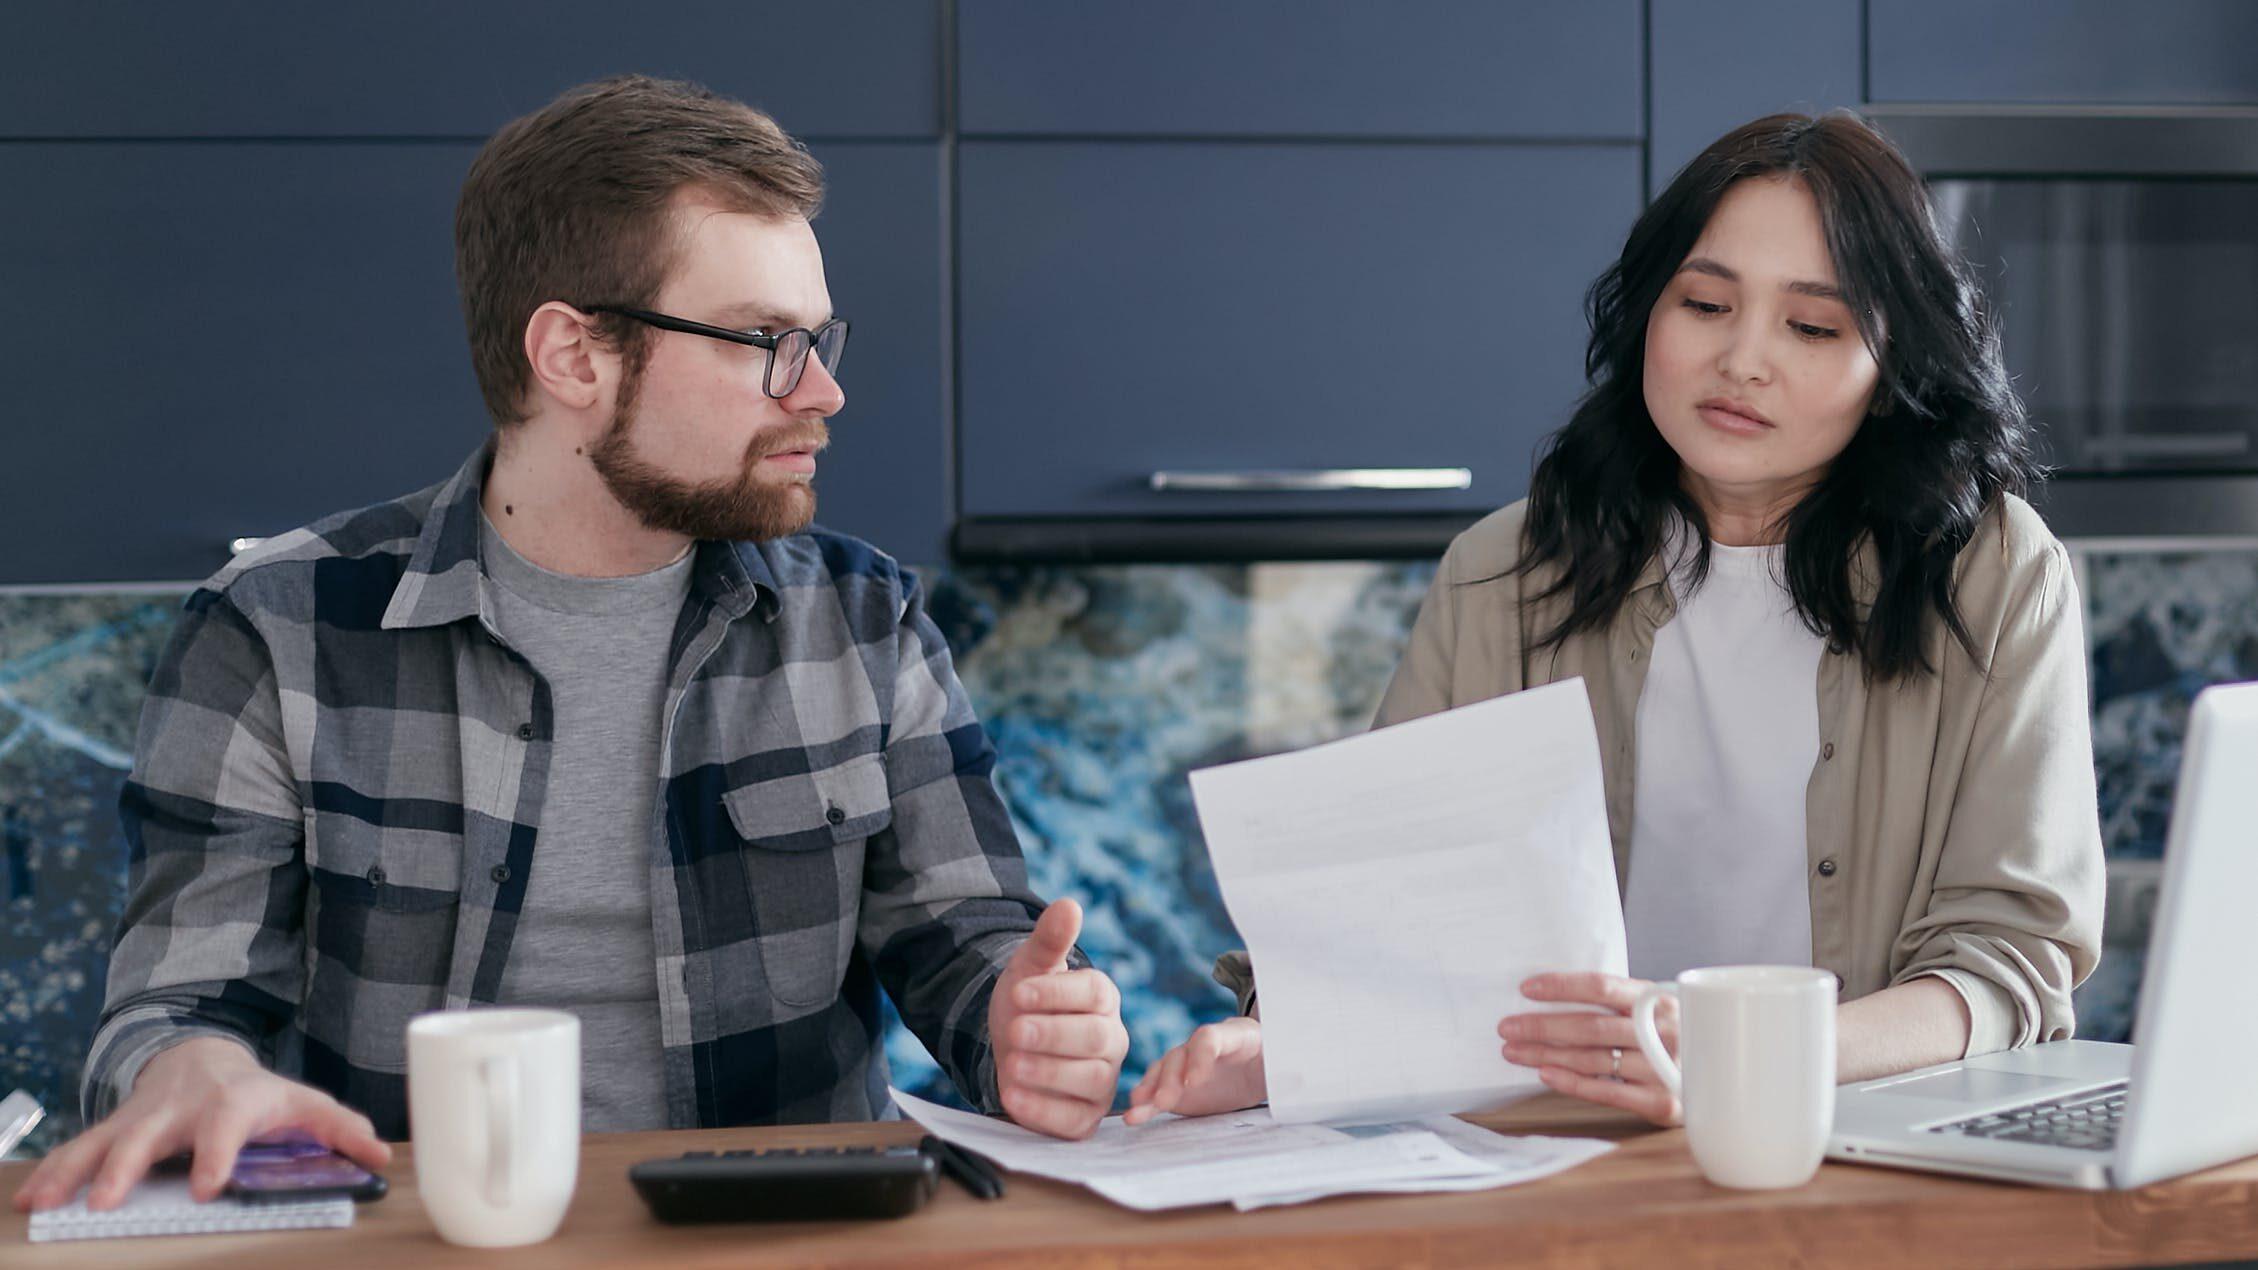 夫婦喧嘩の仲直りができない…気まずい…時の仲直りの仕方や方法は?タイミングやメールなどのイメージ画像2